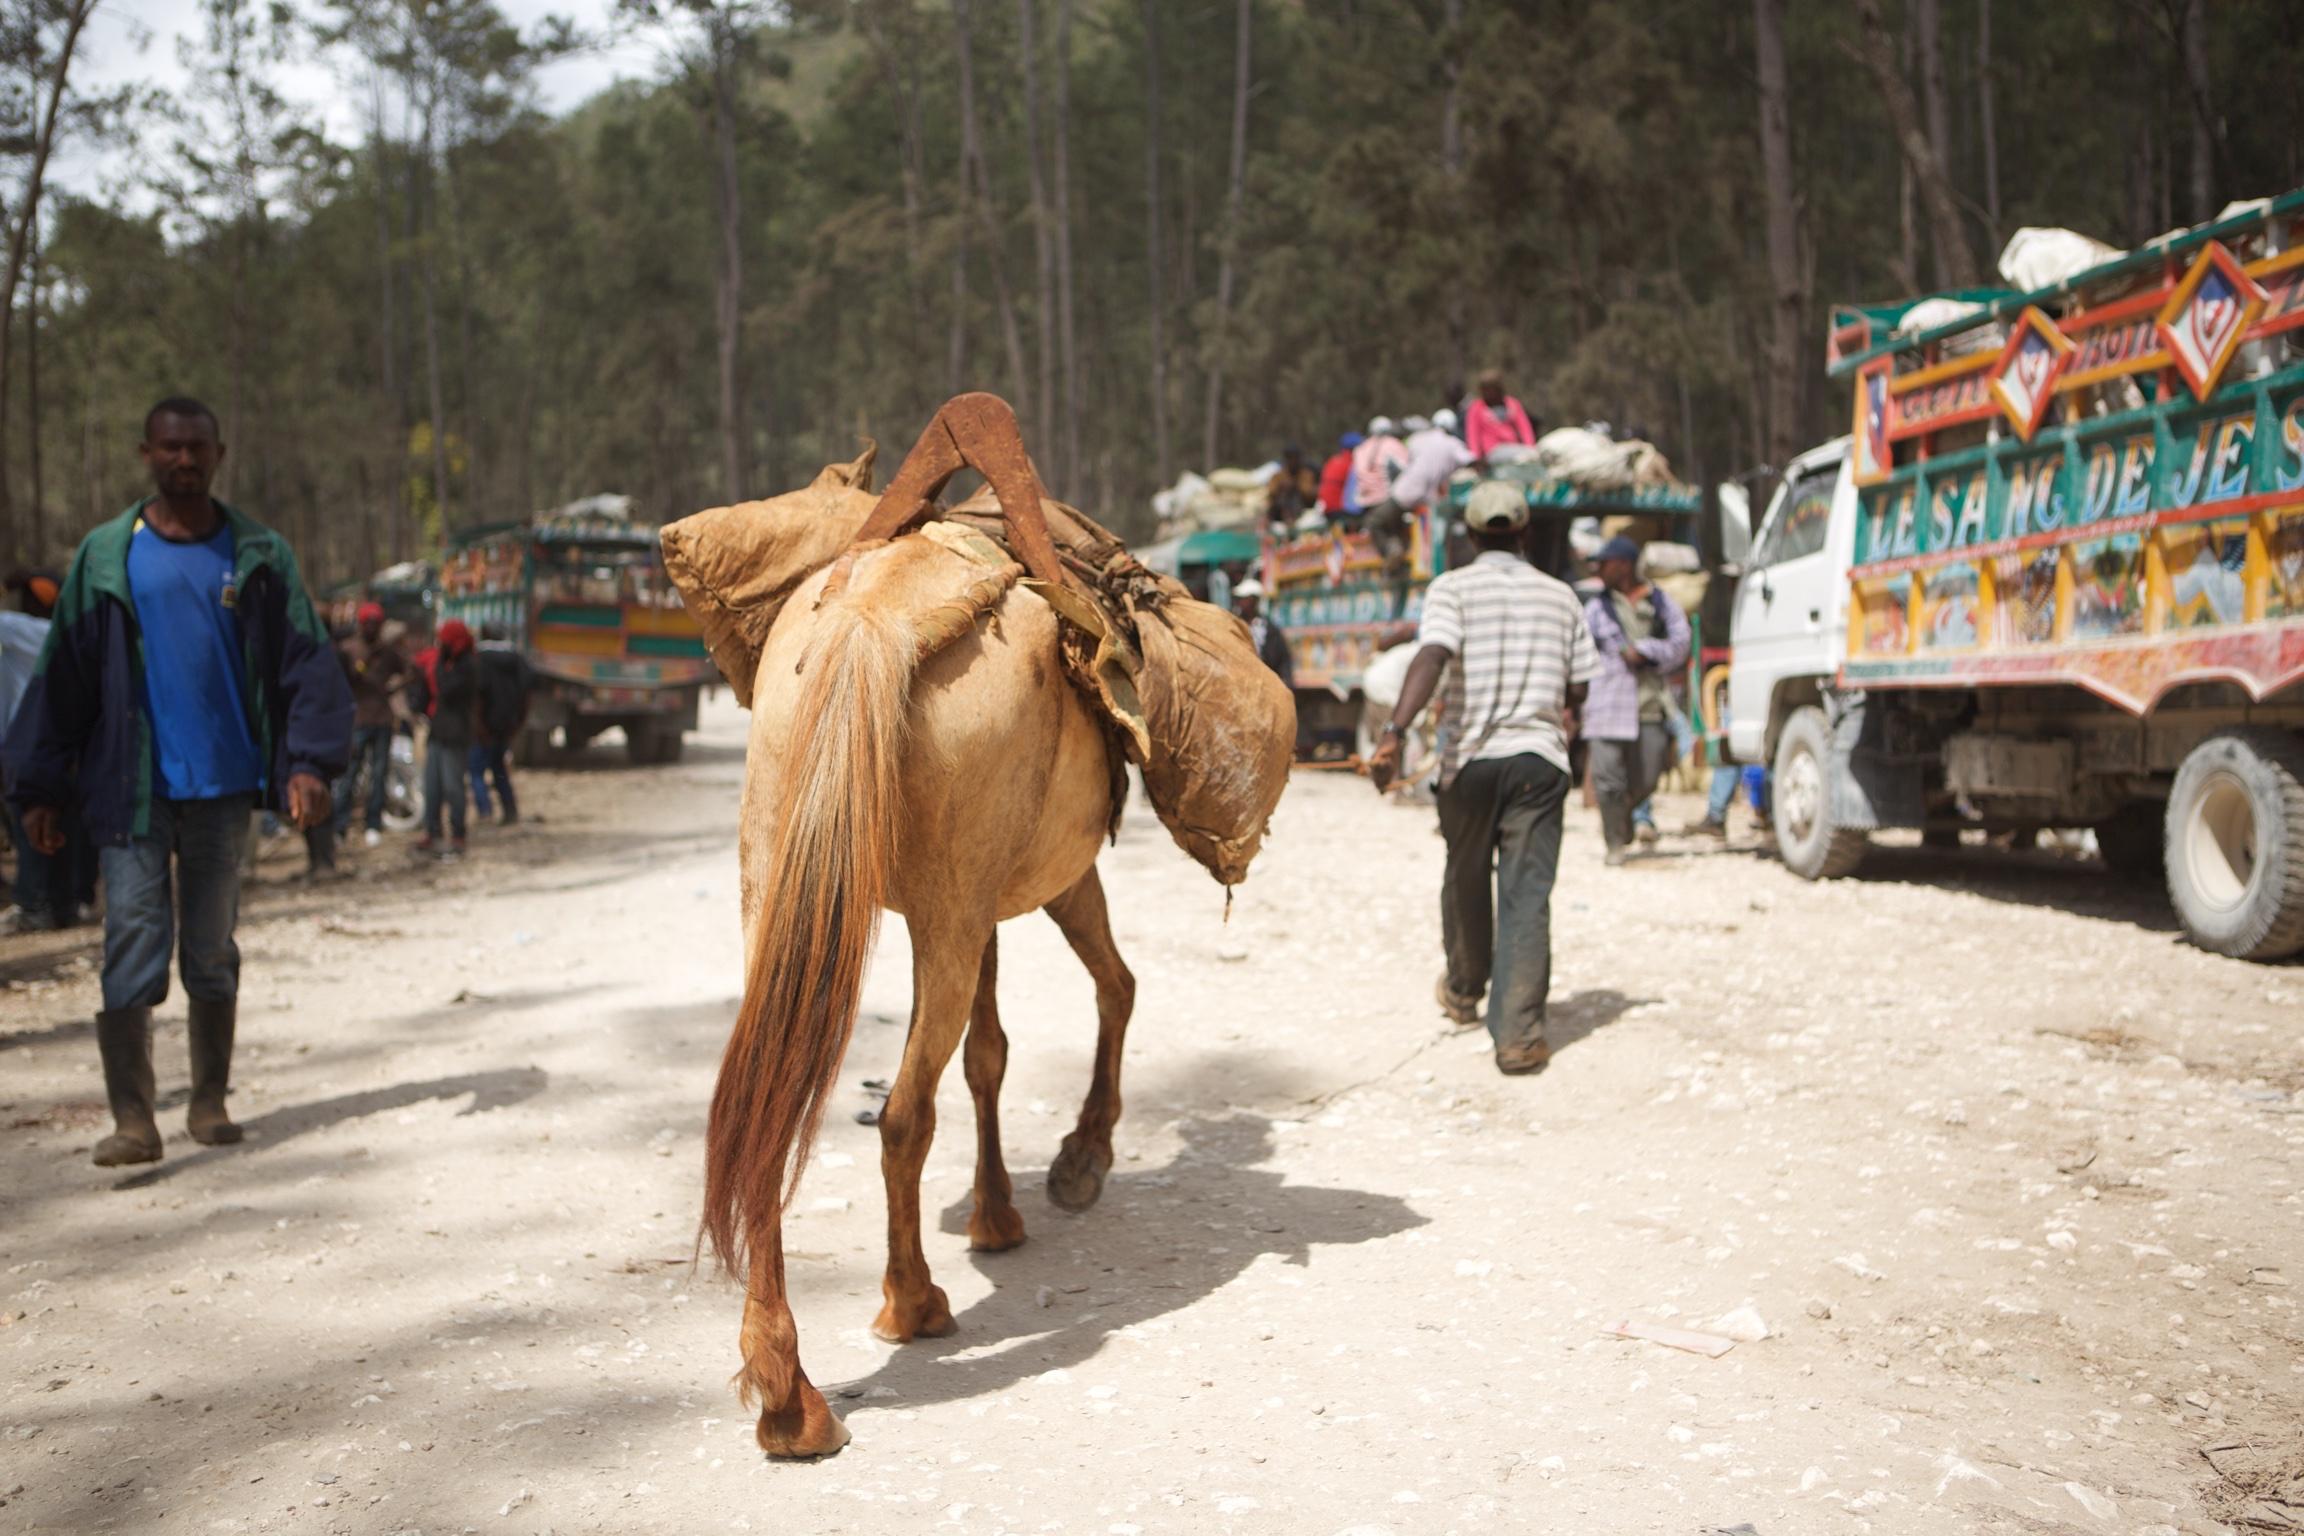 man leading horse on dirt road alongside trucks